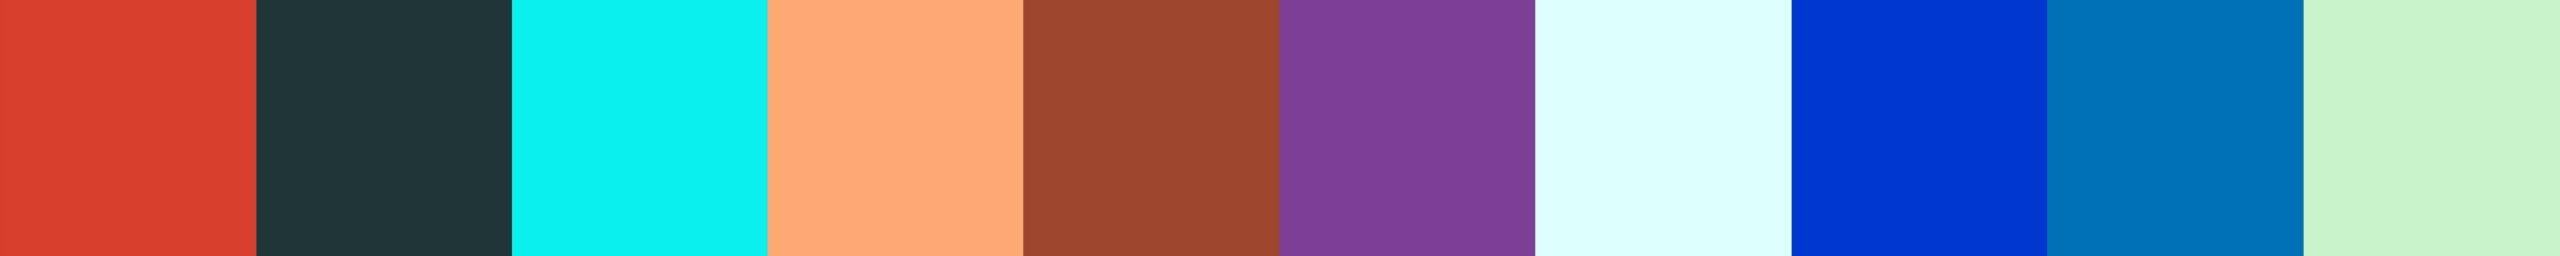 730 Opislatia Color Palette